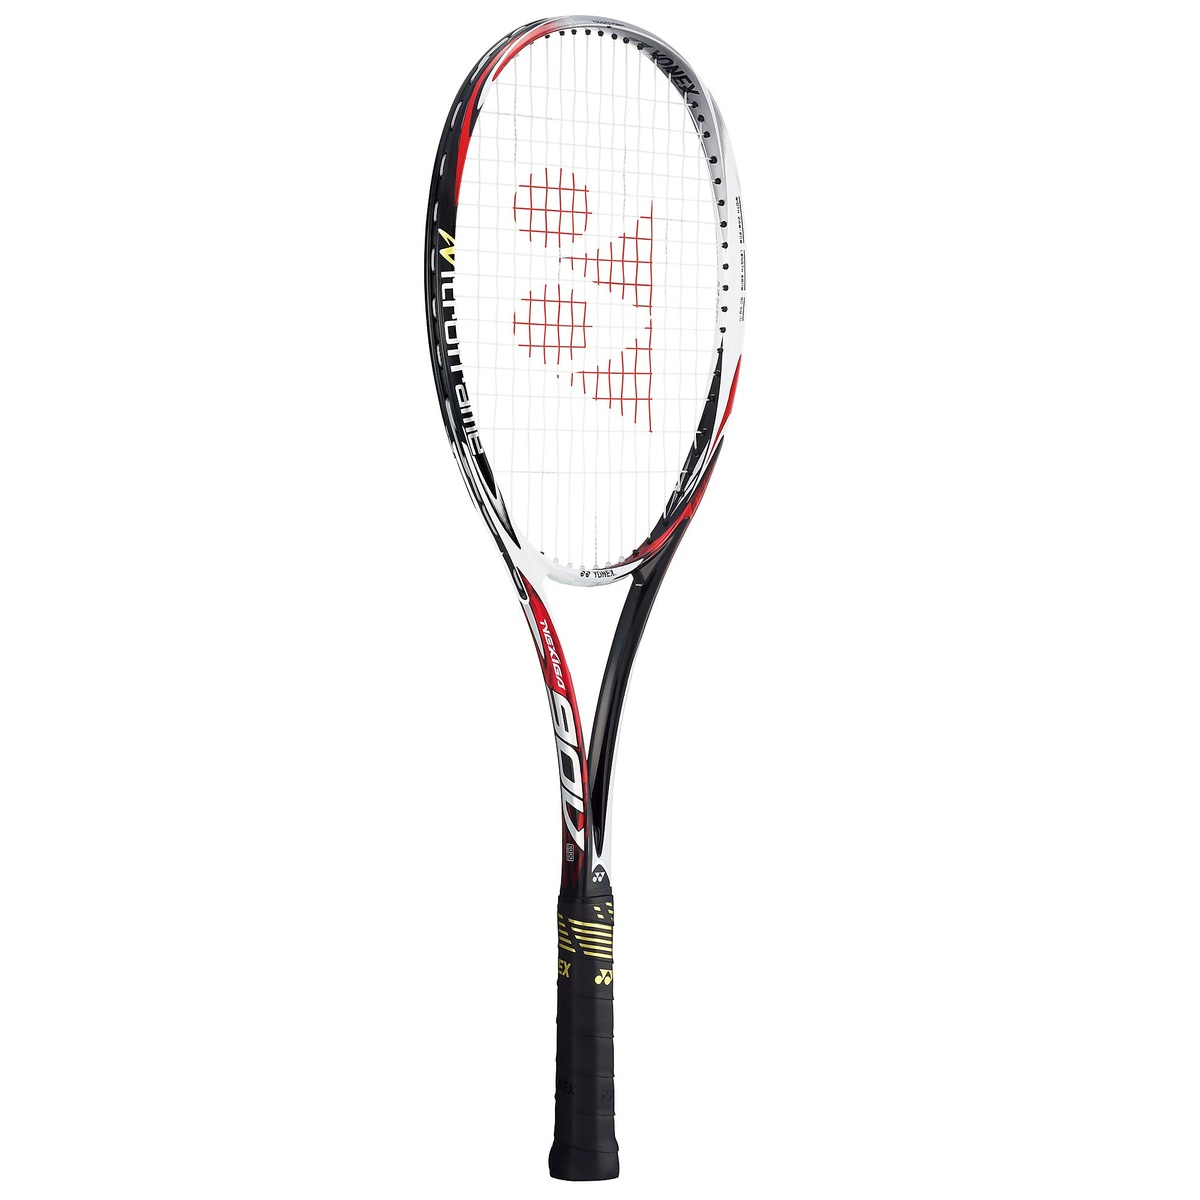 【送料無料】 YONEX (ヨネックス) 【フレームのみ】ソフトテニス フレームラケット ネクシーガ90V ジャパンレッド NXG90V